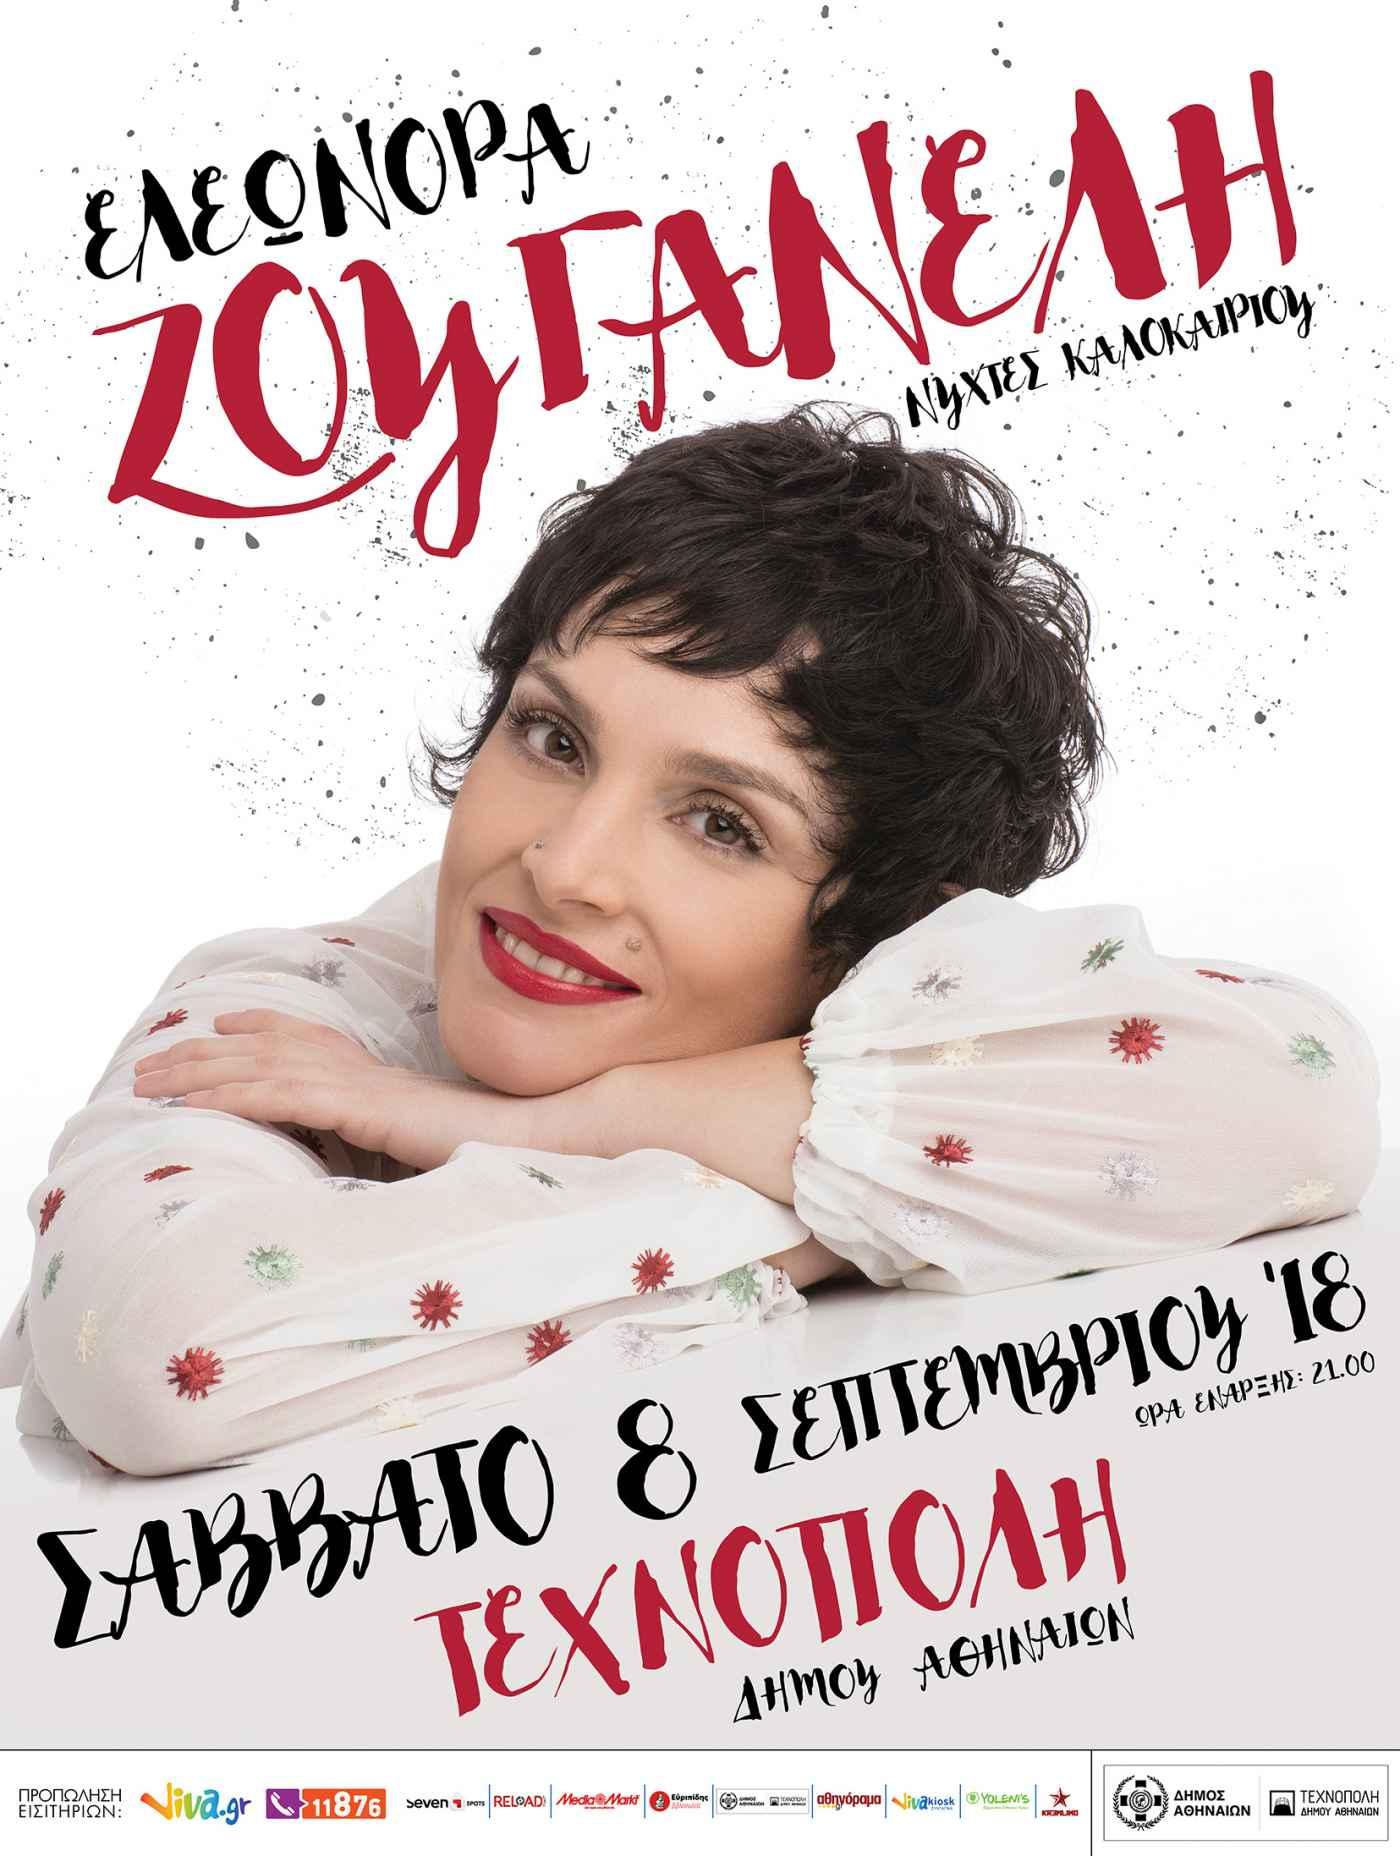 Ελεωνόρα Ζουγανέλη | «Νύχτες Καλοκαιριού» | Σάββατο 8 Σεπτεμβρίου 2018 | Τεχνόπολη Δήμου Αθηναίων